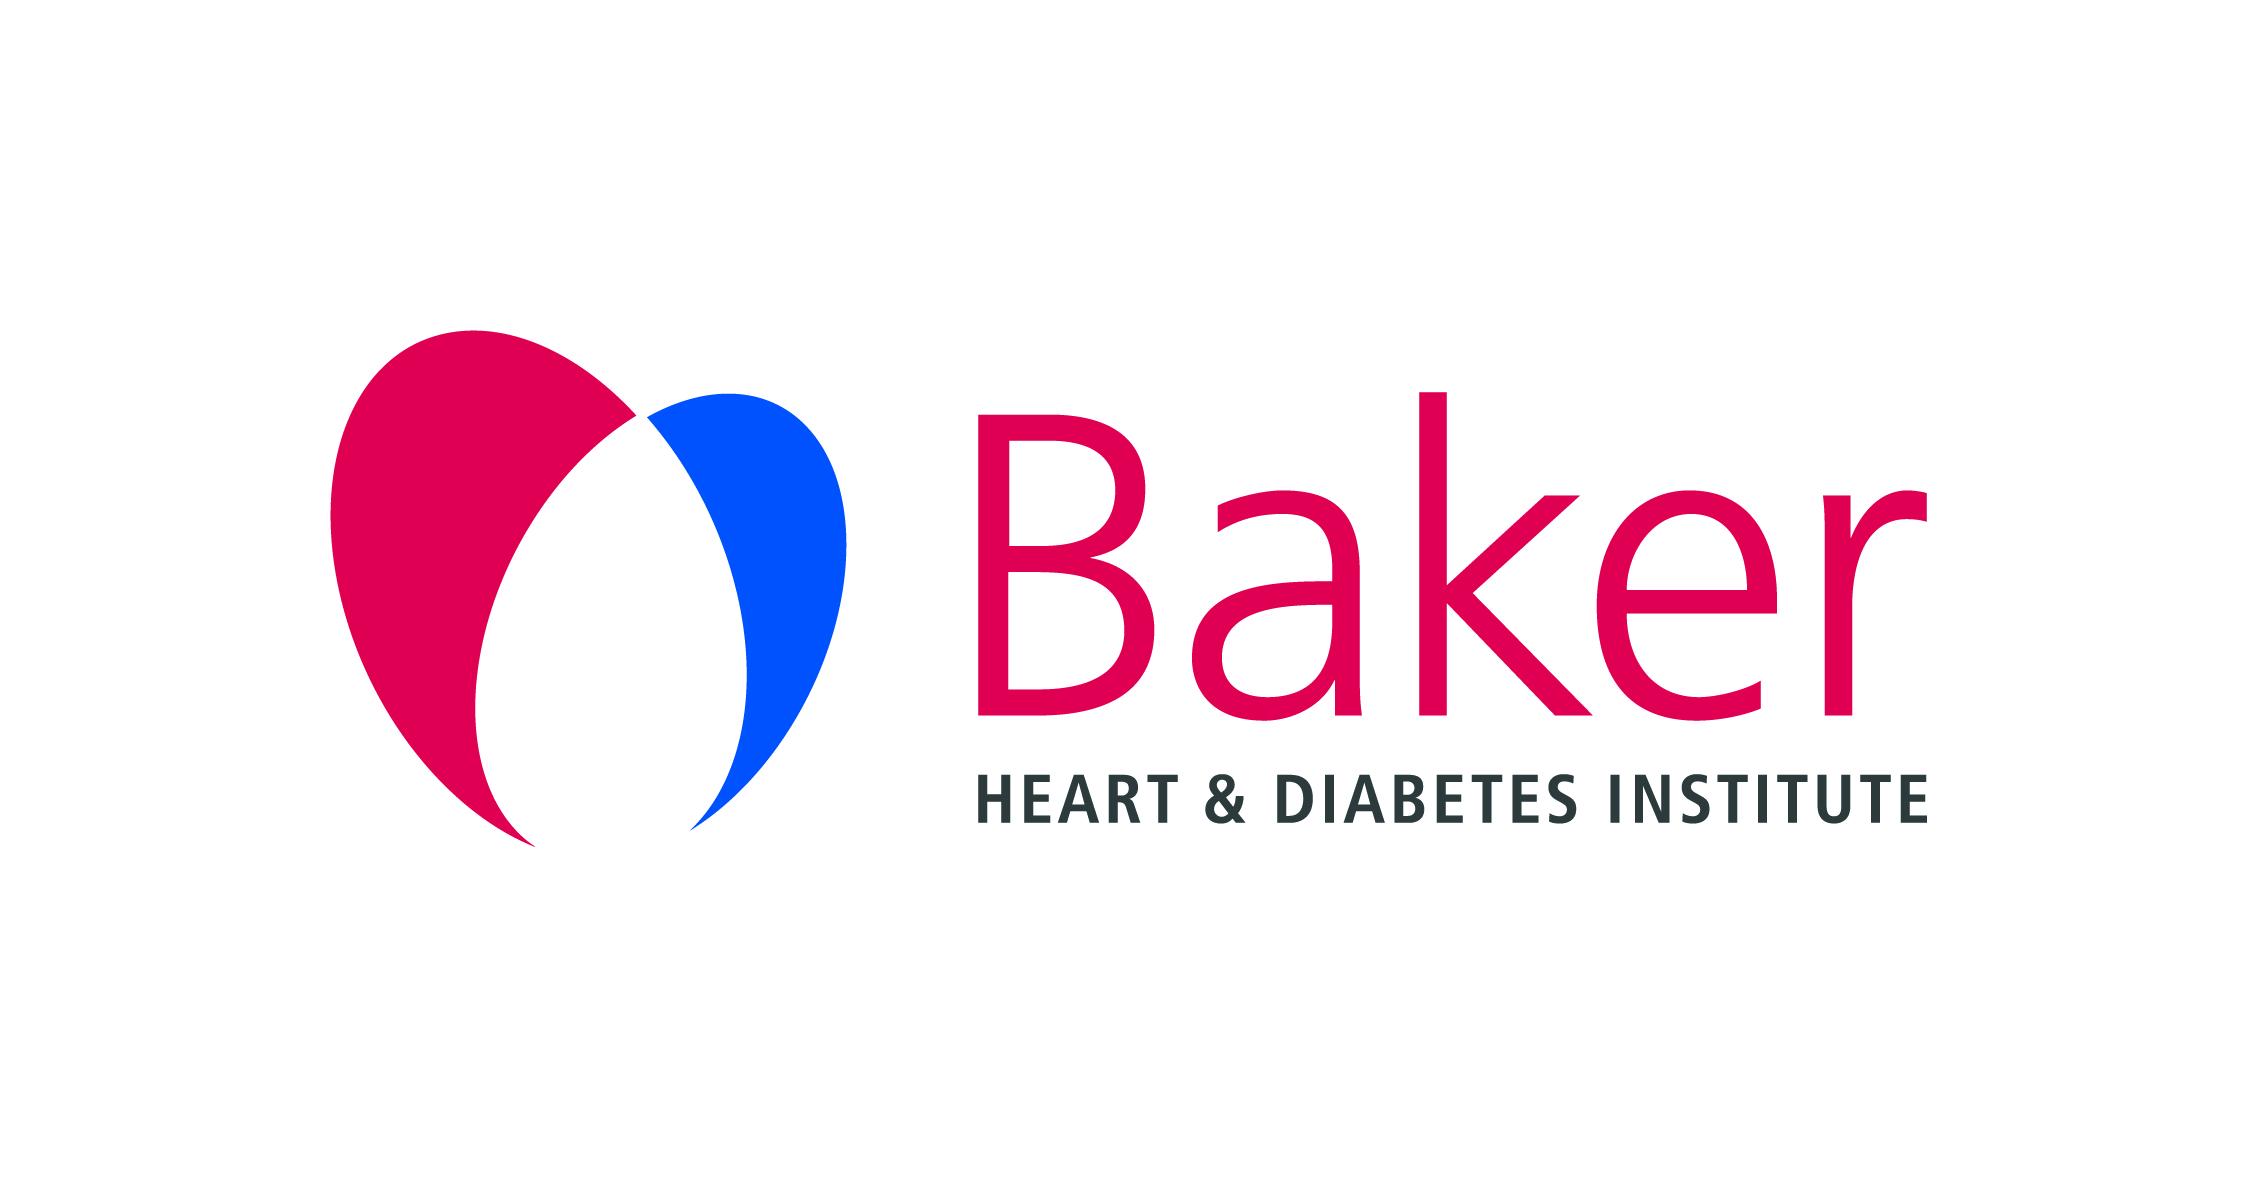 Baker_logo_landscape_colour_CMYK.jpg